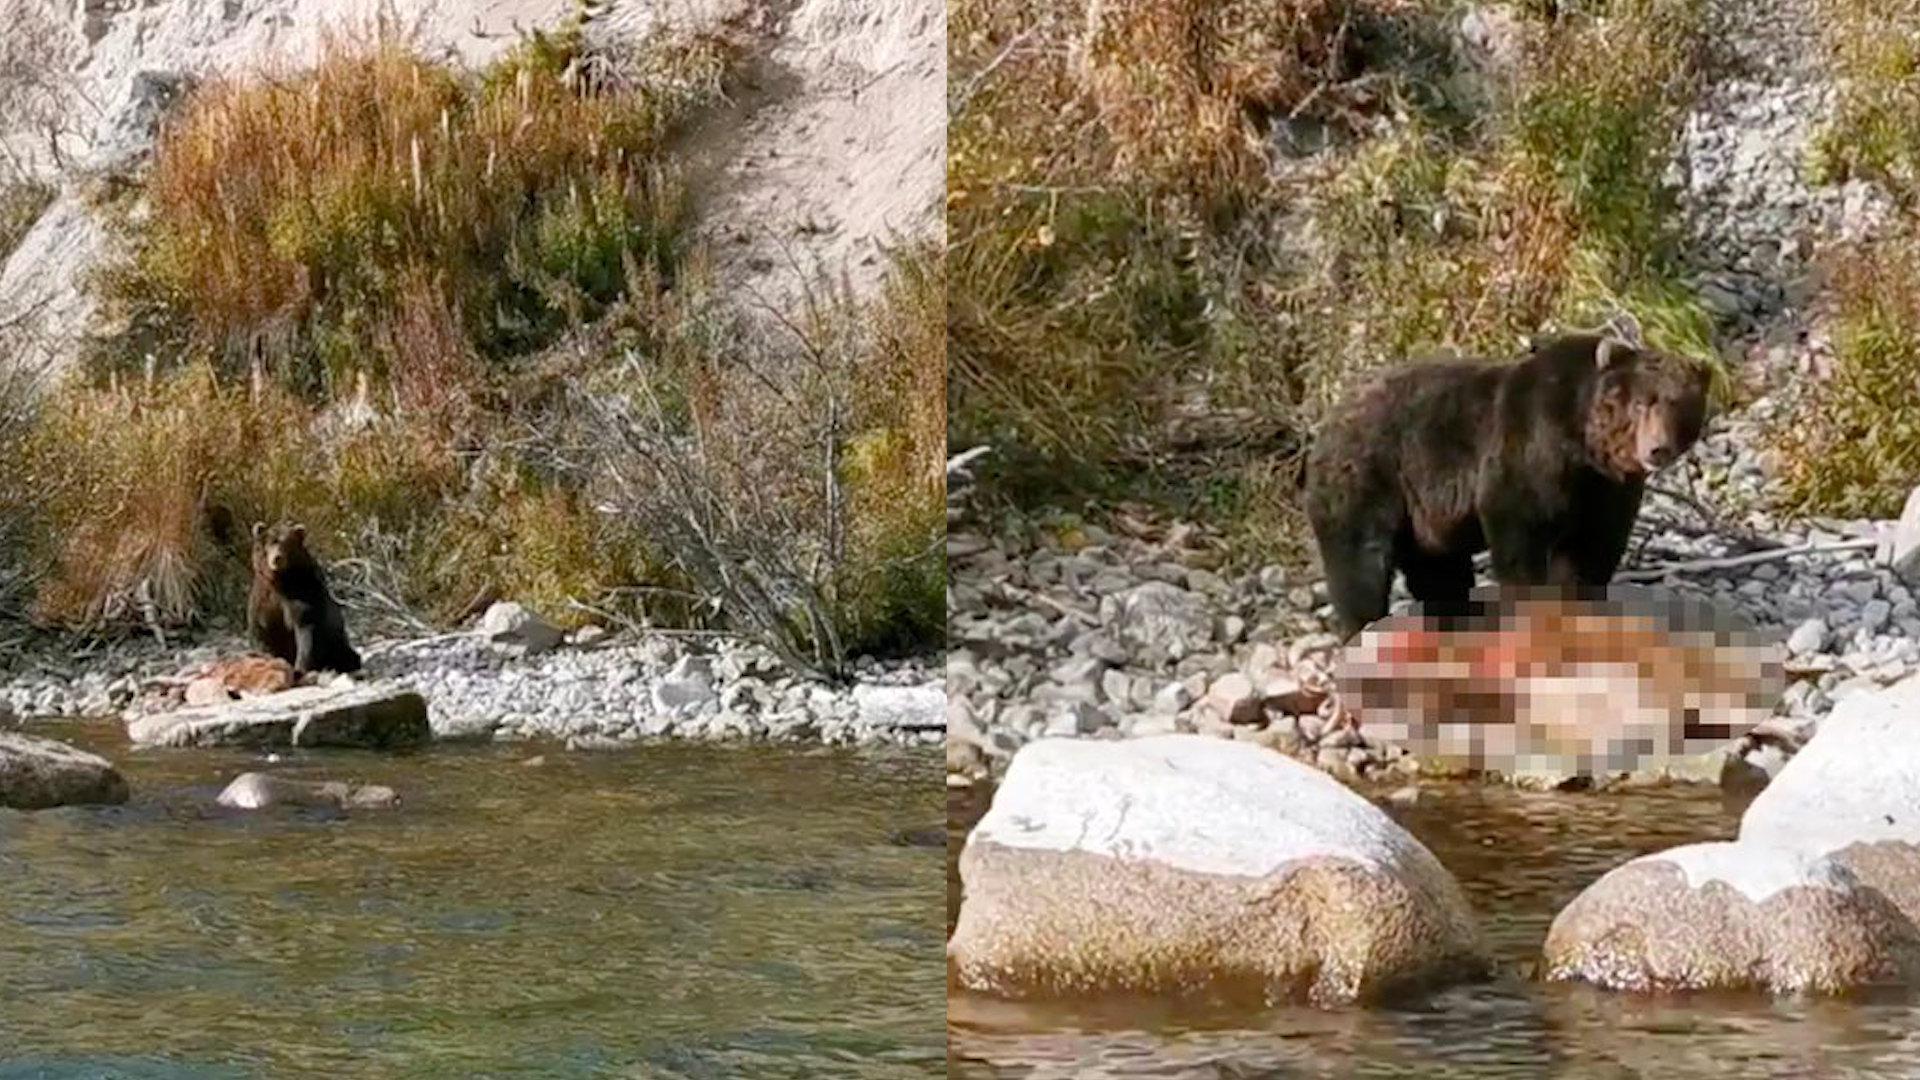 男子乘船时见棕熊在吃大块吃肉,看清猎物的模样后无法淡定